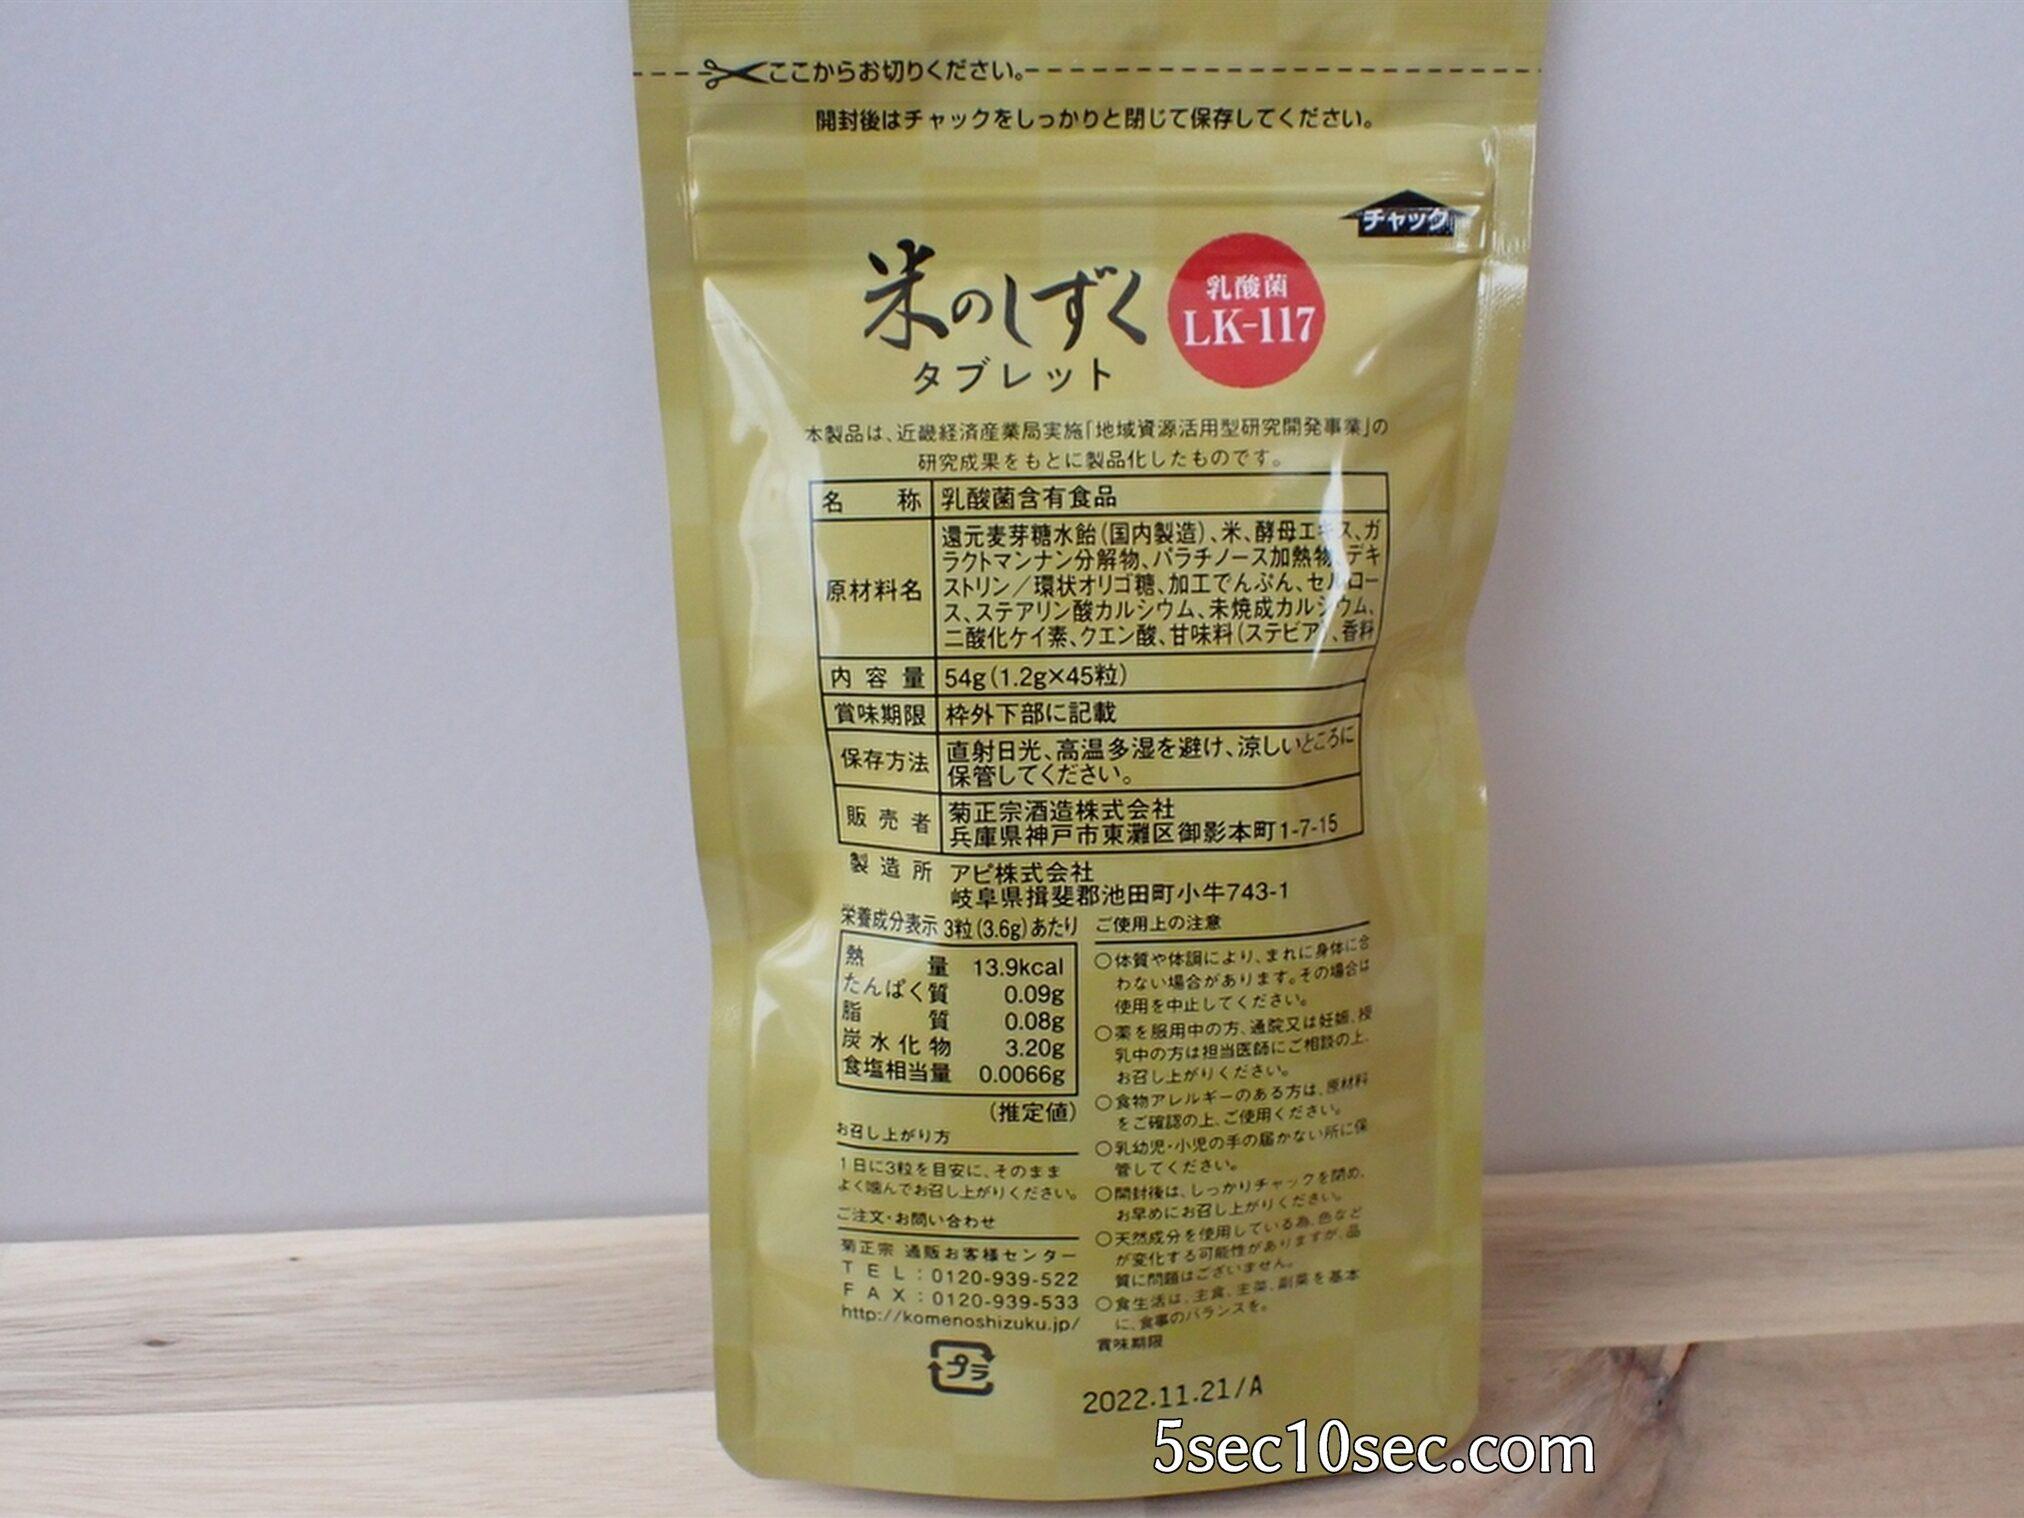 菊正宗酒造株式会社 乳酸菌「LK-117」配合 酒蔵の乳酸菌 米のしずく タブレットタイプ15日間お試しセット 原材料名、栄養成分表示、商品説明